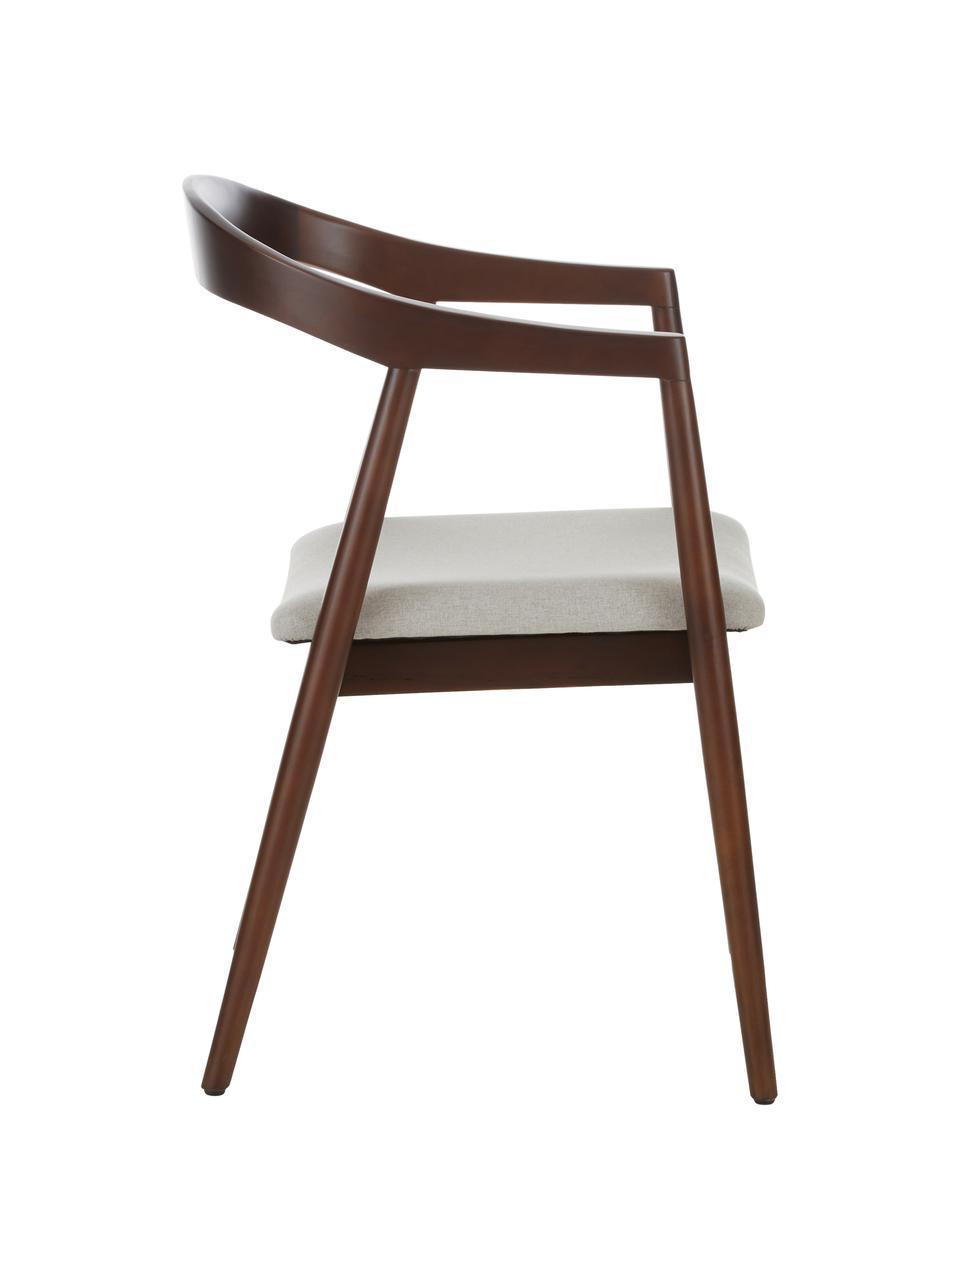 Krzesło z podłokietnikami  z drewna brzozowego Lloyd, Tapicerka: poliester Dzięki tkaninie, Stelaż: drewno brzozowe, sklejka, Beżowy, drewno brzozowe, S 57 x G 54 cm